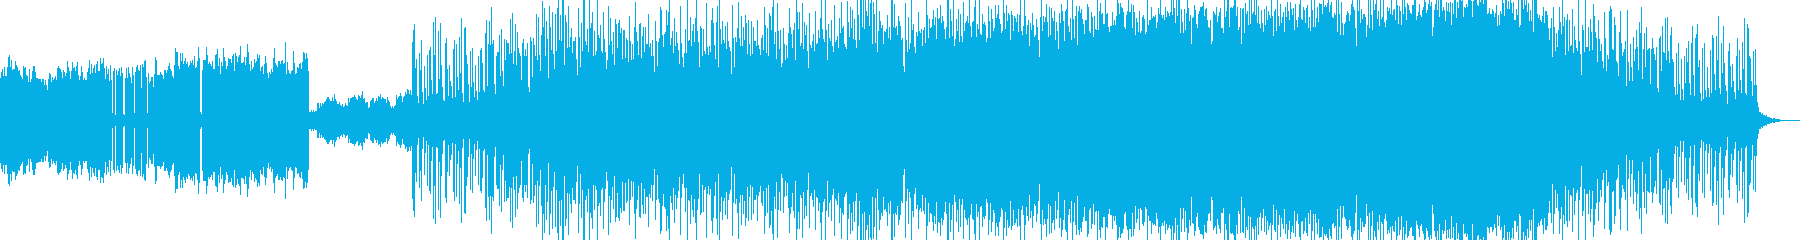 ゆったりとした、でも怪しげな感じもある曲の再生済みの波形